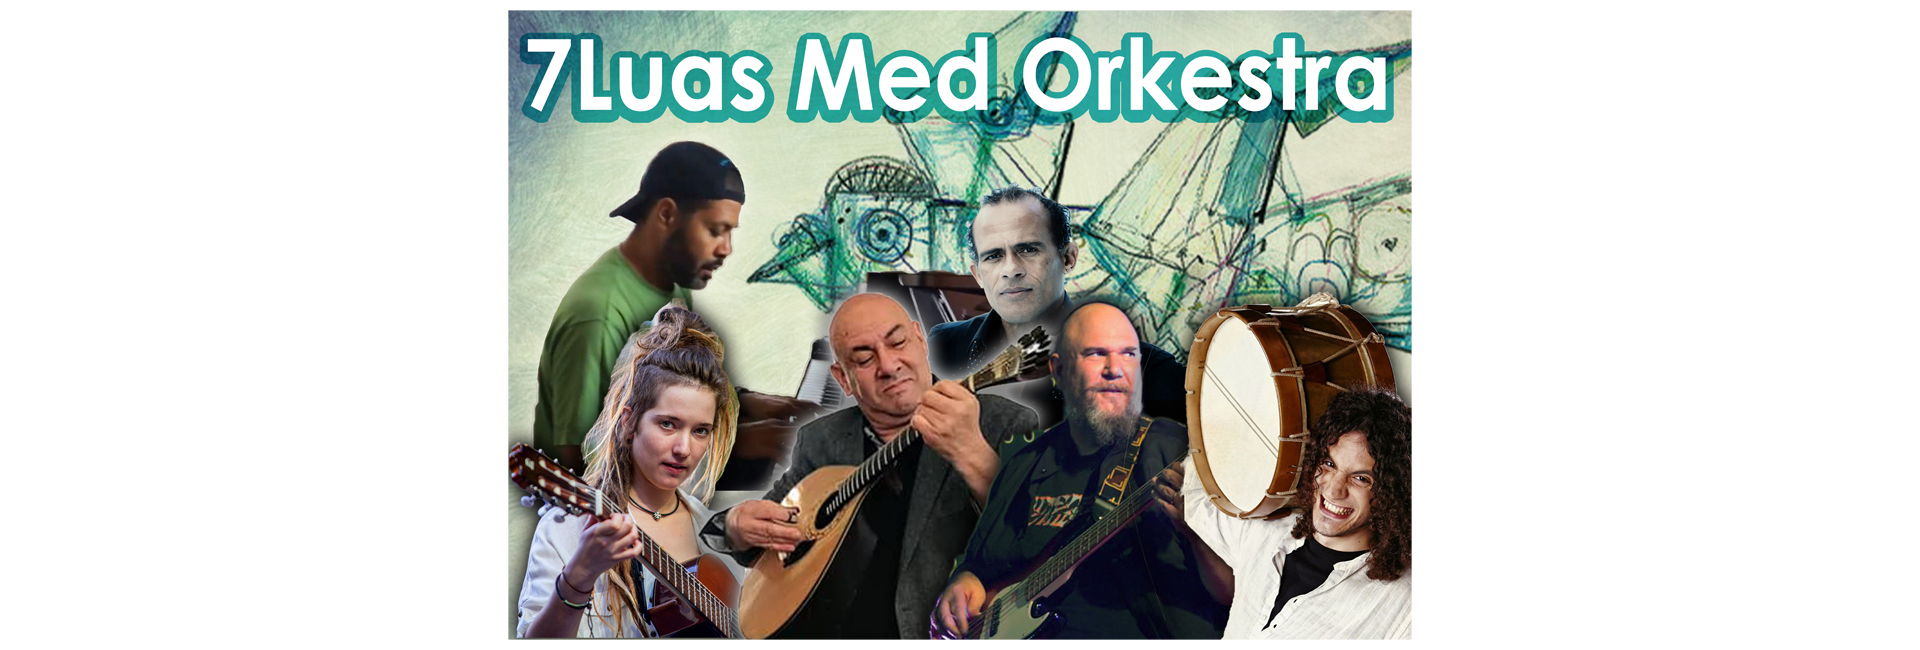 Noites de Verão no Concelho – 7 Luas Med Orkestra